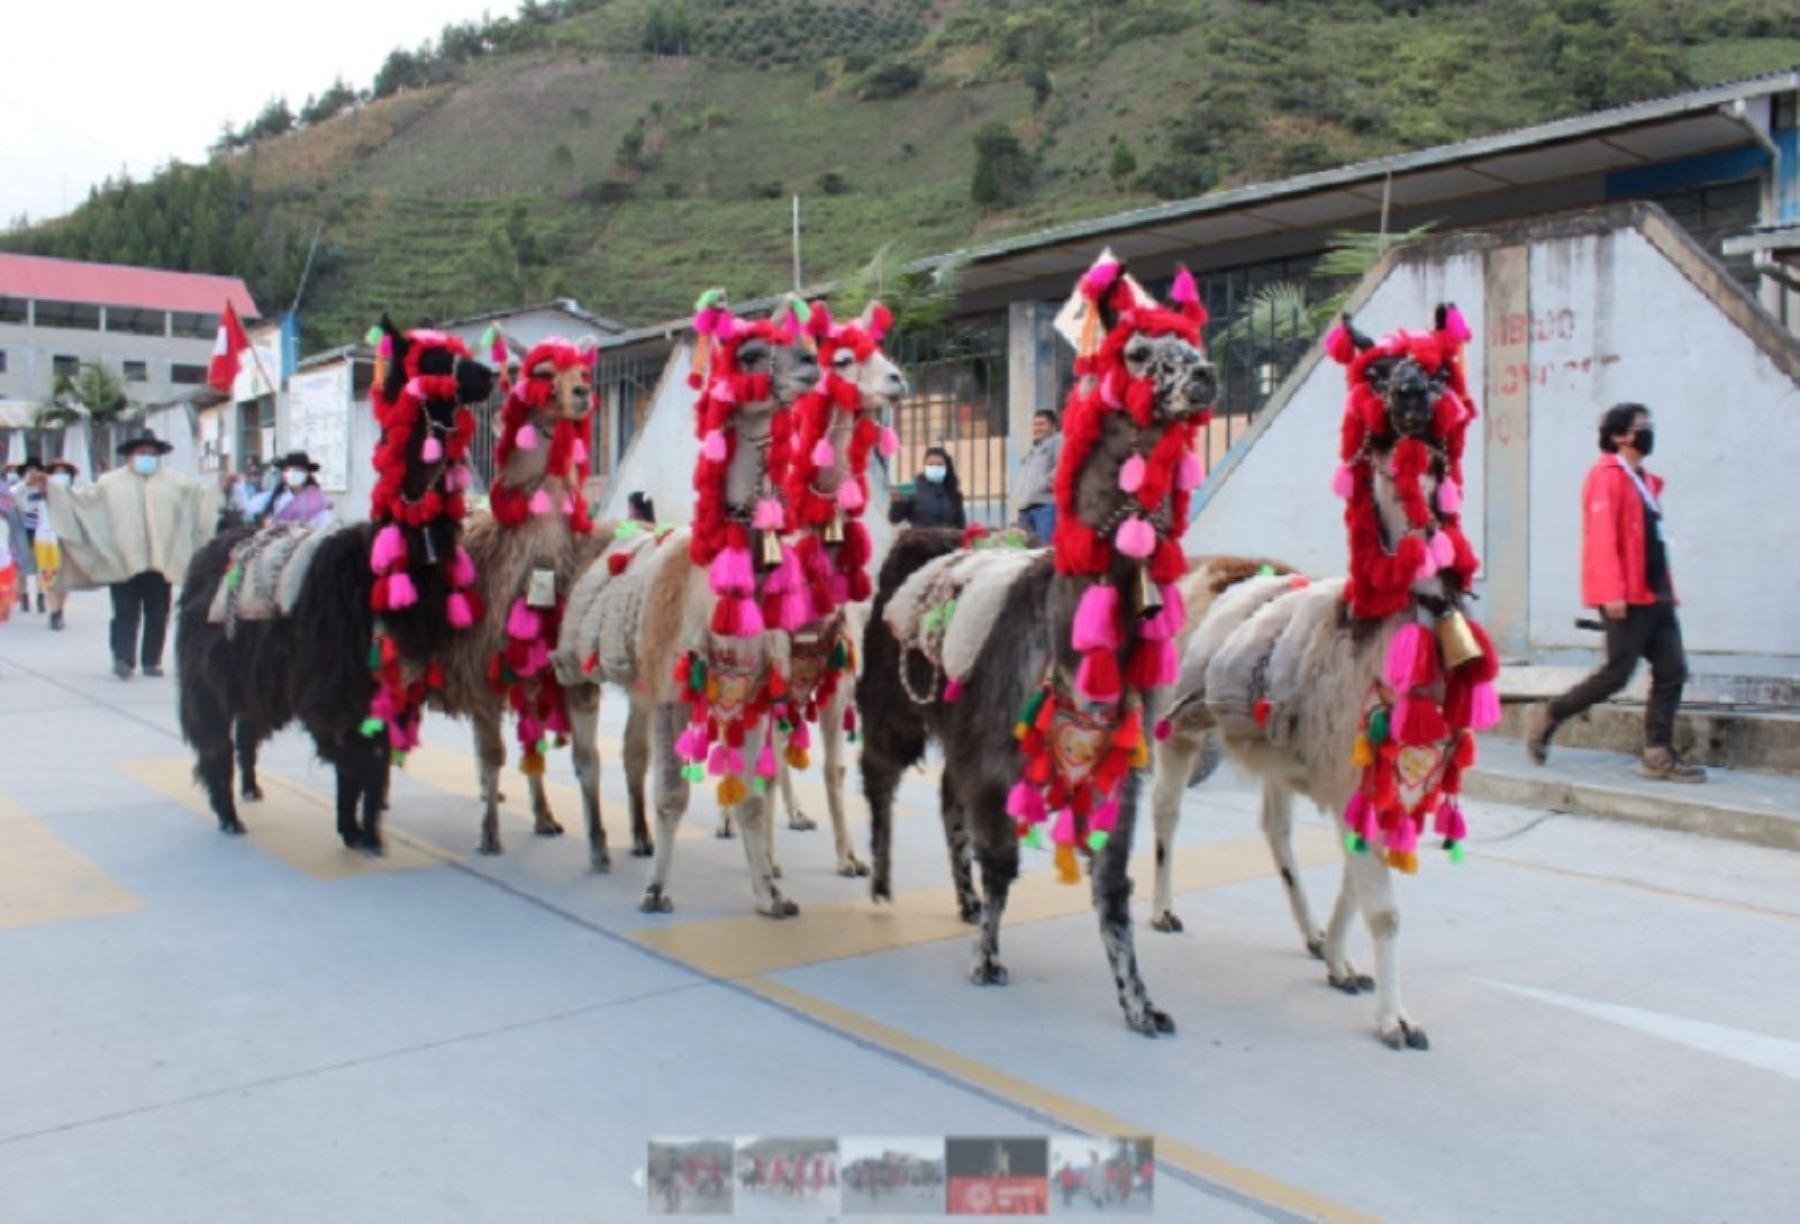 Tras dieciocho días de recorrido por diversas comunidades campesinas y nativas de la región Pasco, se completó la ruta de las llamas cargueras que llevan la cápsula del tiempo regional con motivo del bicentenario de la independencia del Perú. Foto: Proyecto Especial Bicentenario.